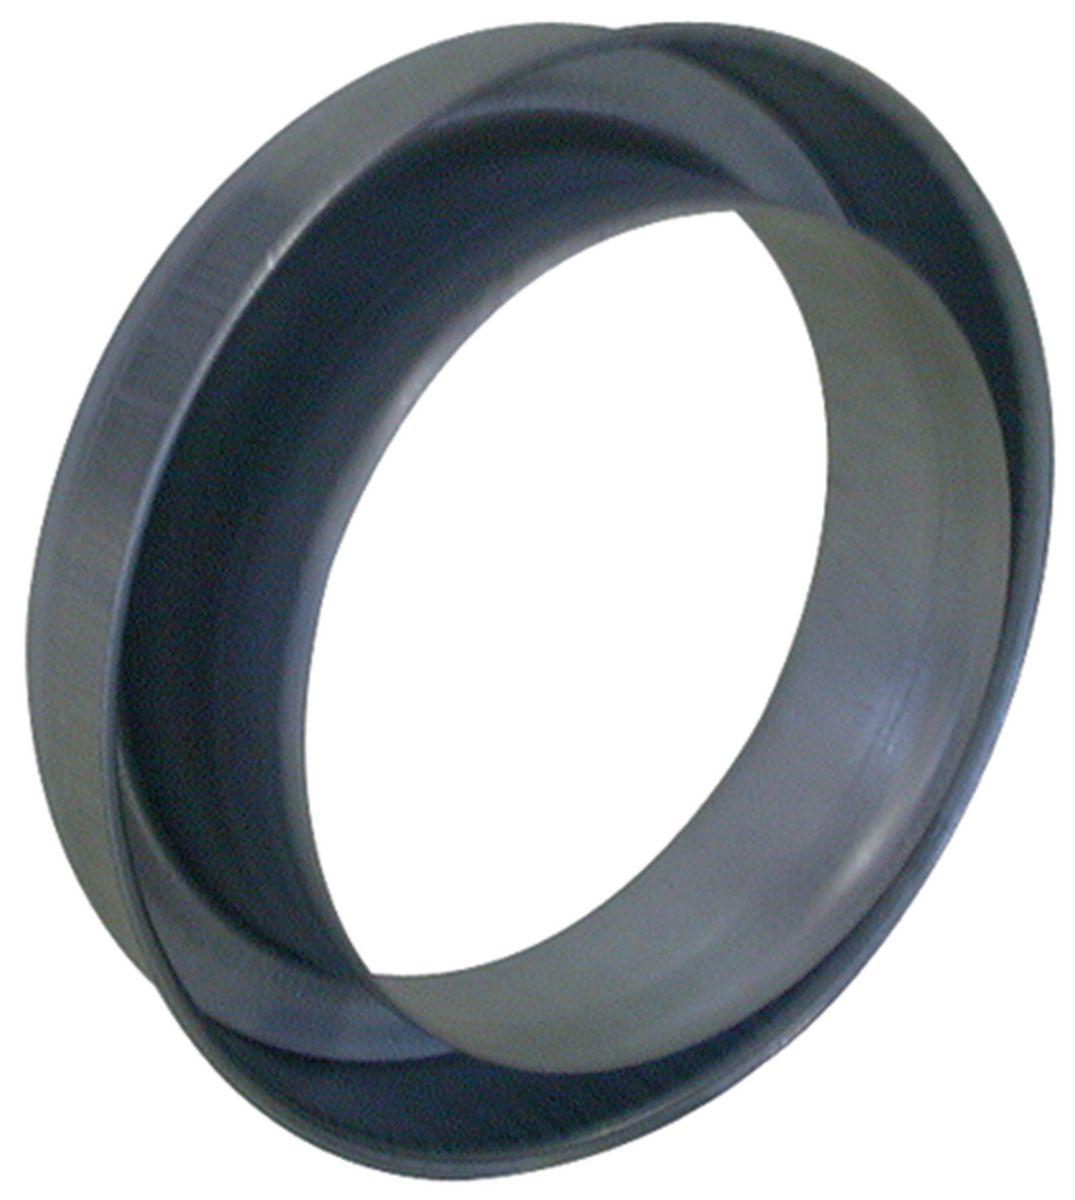 Réduction plate galva diamètre 400-355mm Réf. RPCD400/355